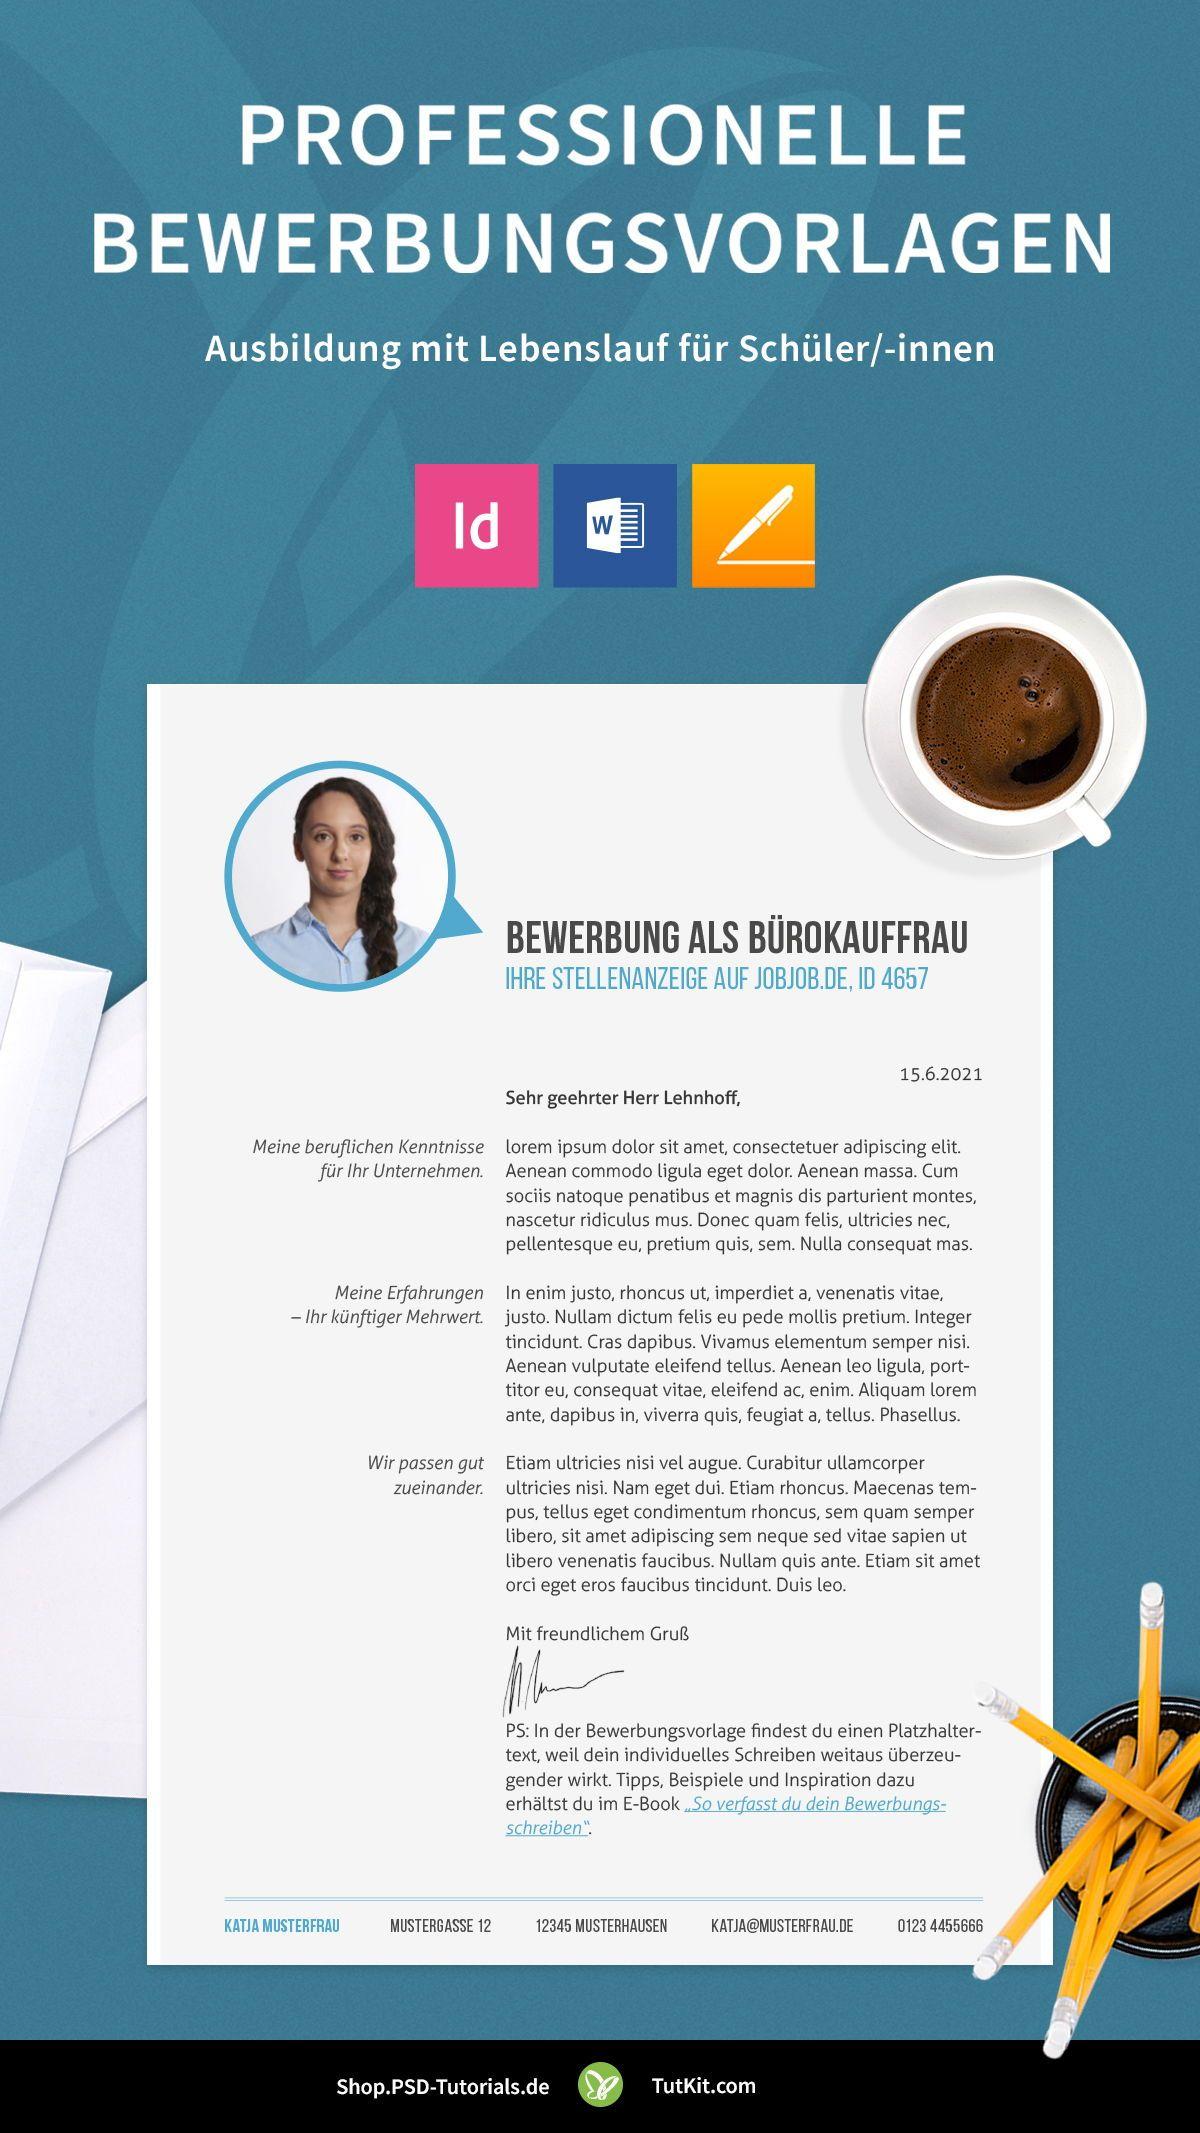 Pin auf Bewerbung & Lebenslauf: Vorlagen, Ideen und Tipps